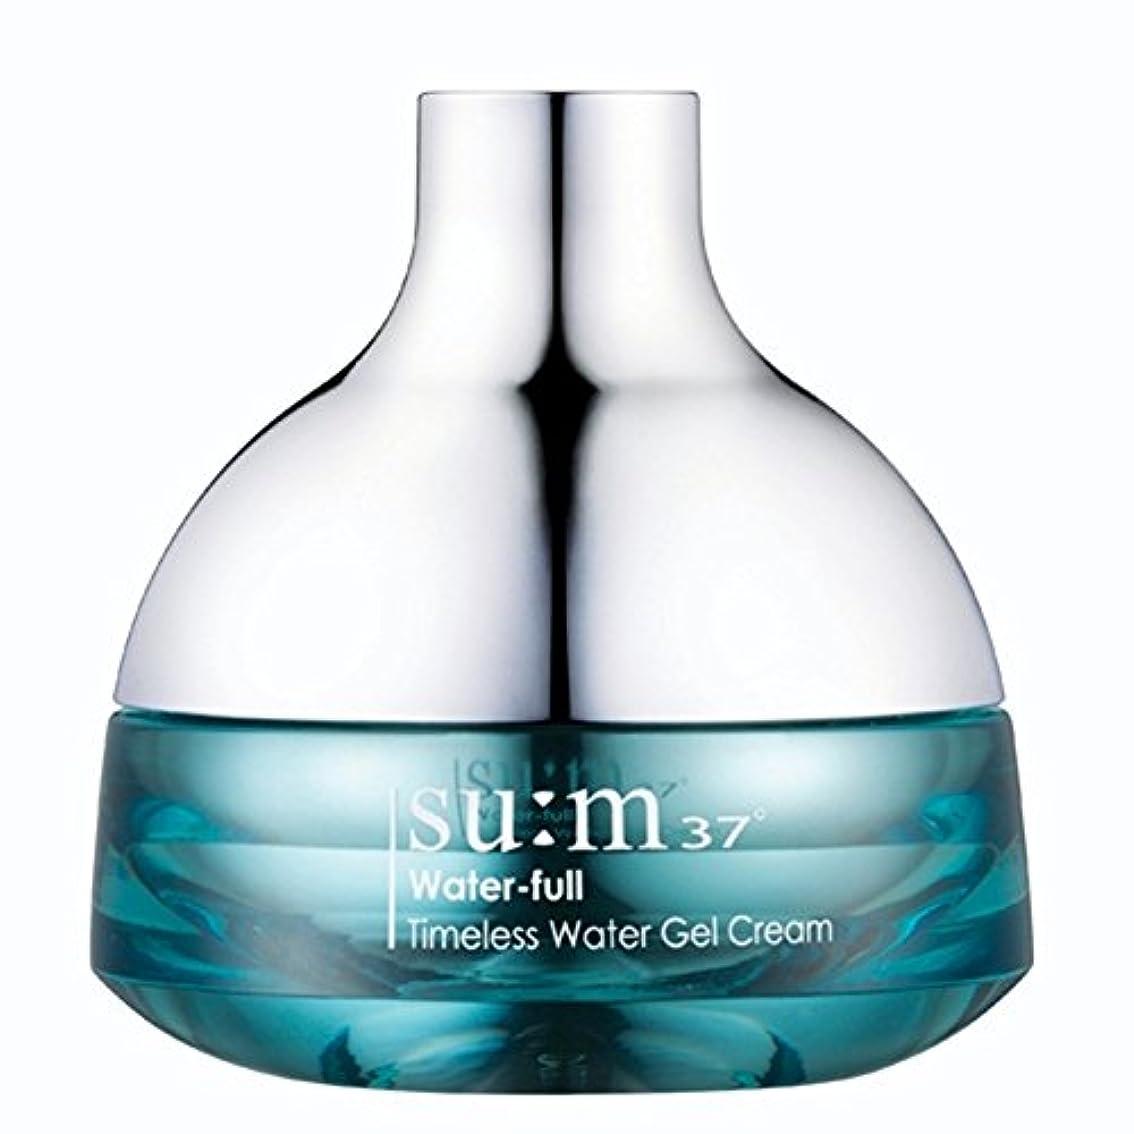 司書韓国臨検su:m37/スム37° スム37 ウォーターフルタイムレスウォータージェルクリーム50ml (sum 37ºWater-full Timeless Water Gel Cream 50ml + Special Gift...